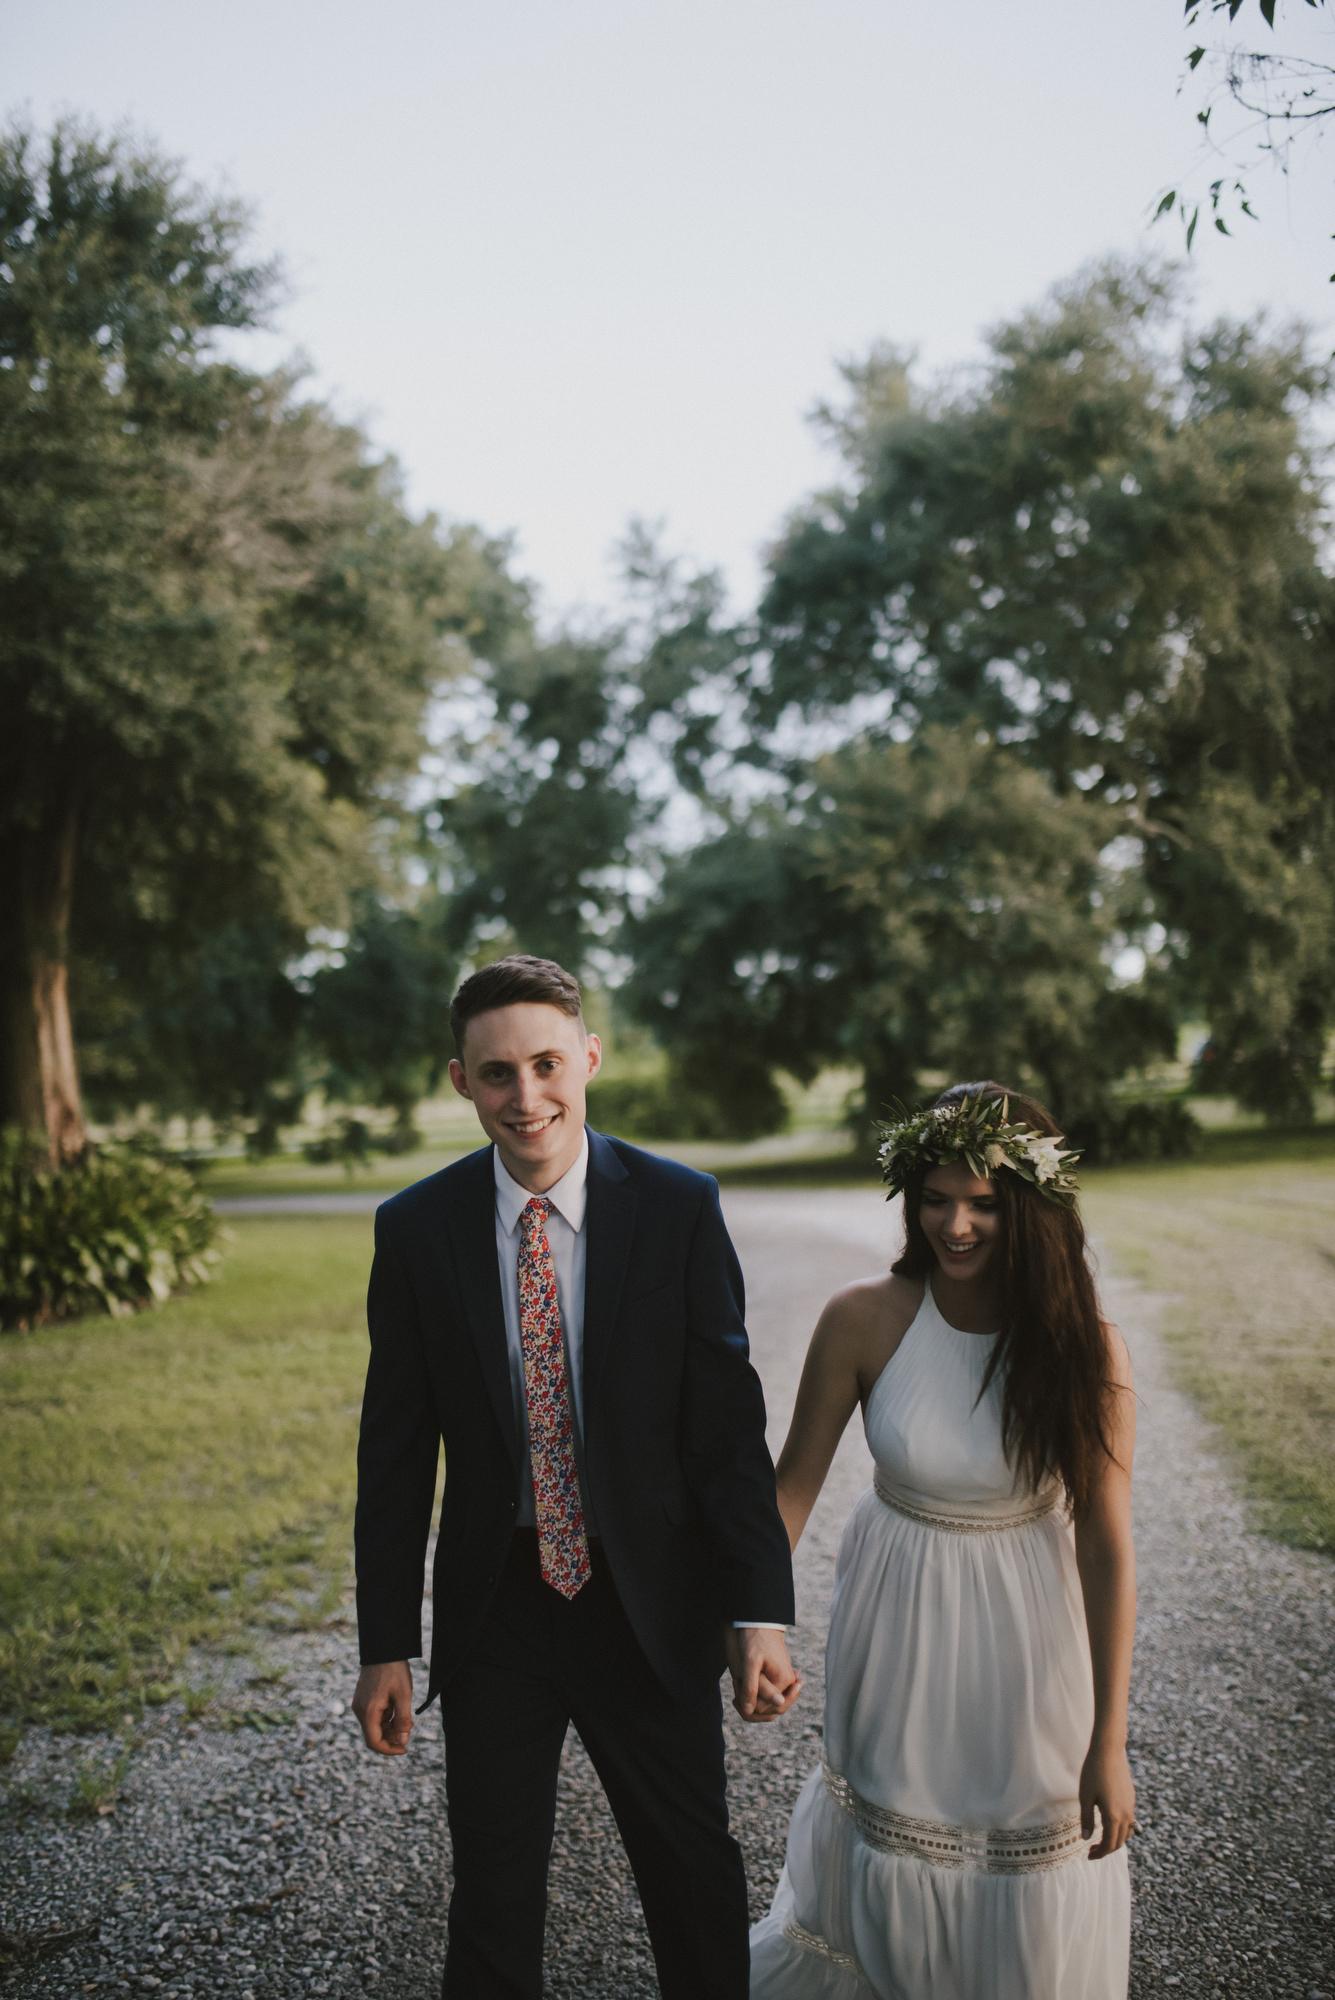 ofRen_weddingphotography096.JPG